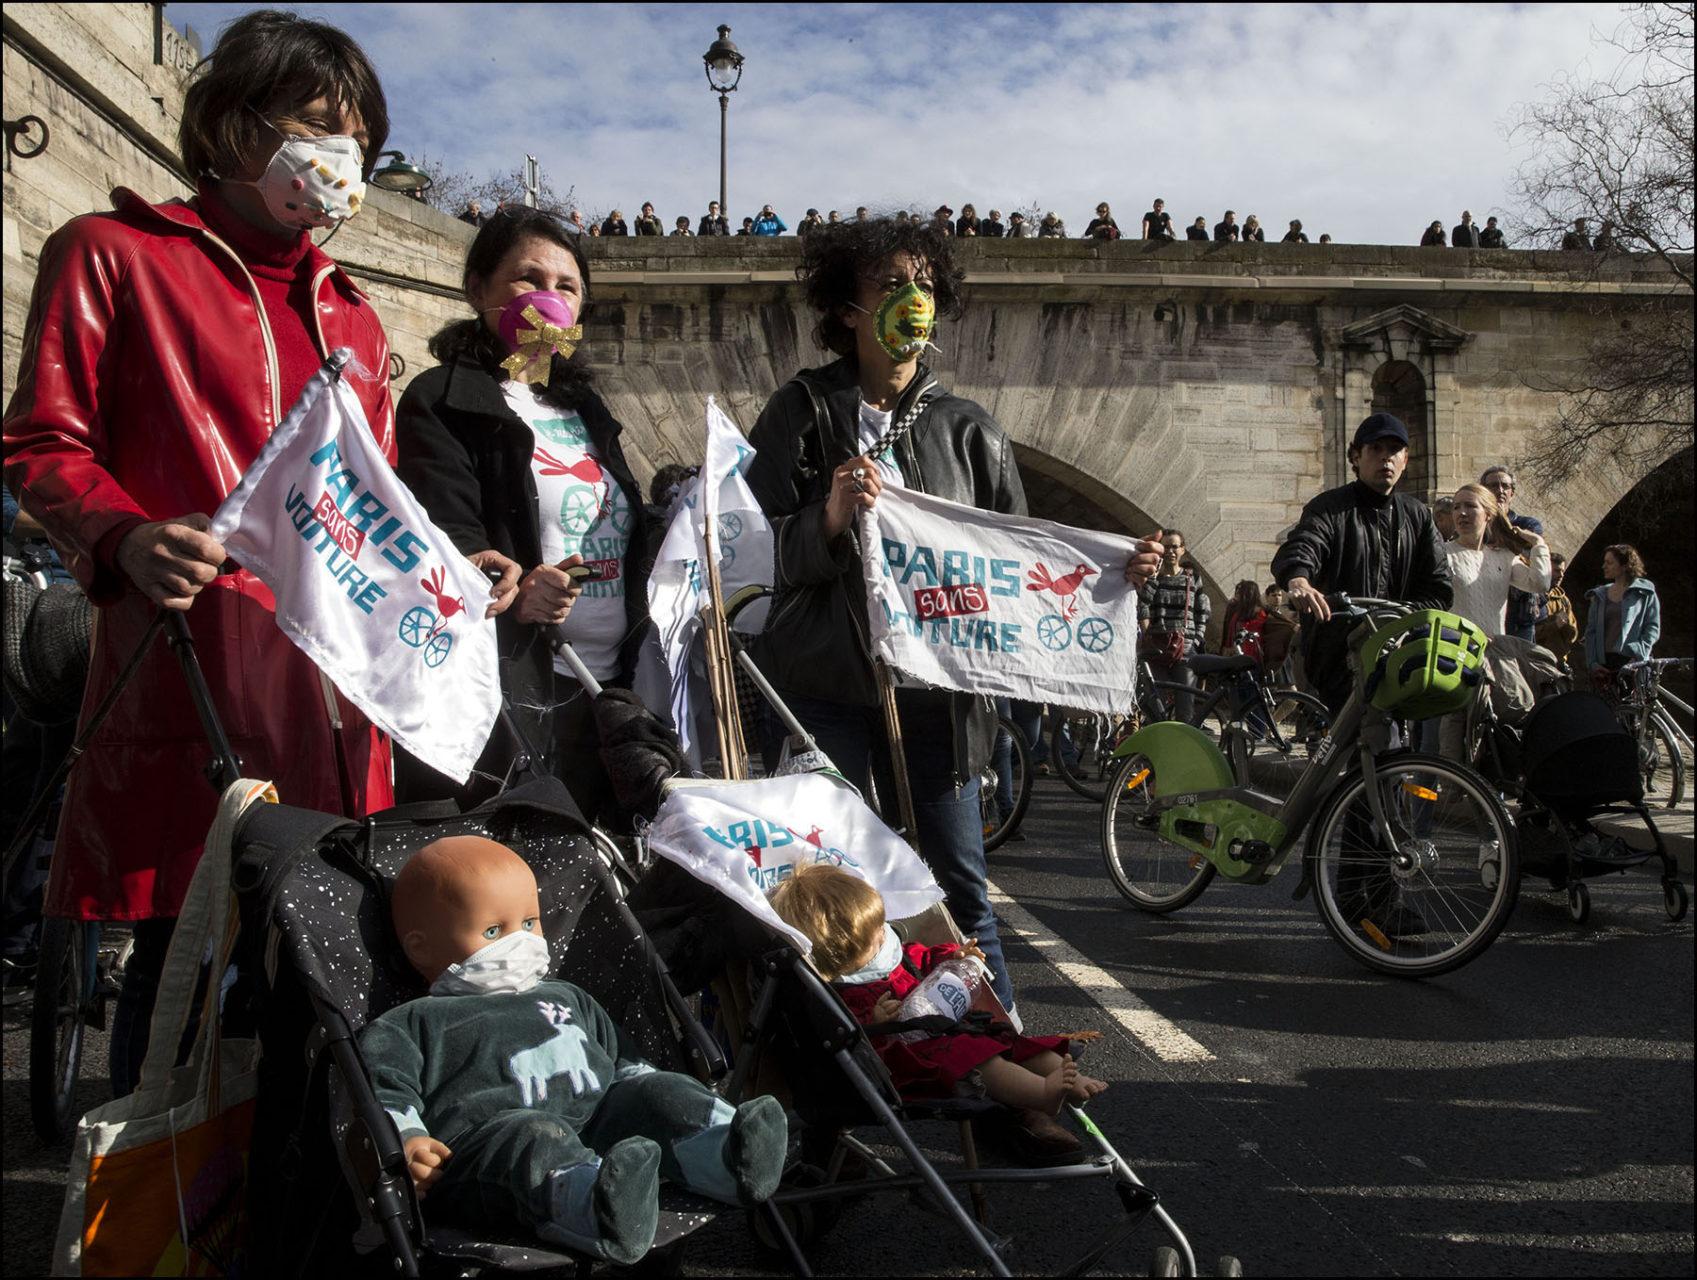 Manifestation de soutien à Anne HIDALGO pour le maintien de la piétonisation des voies sur berges rive droite.